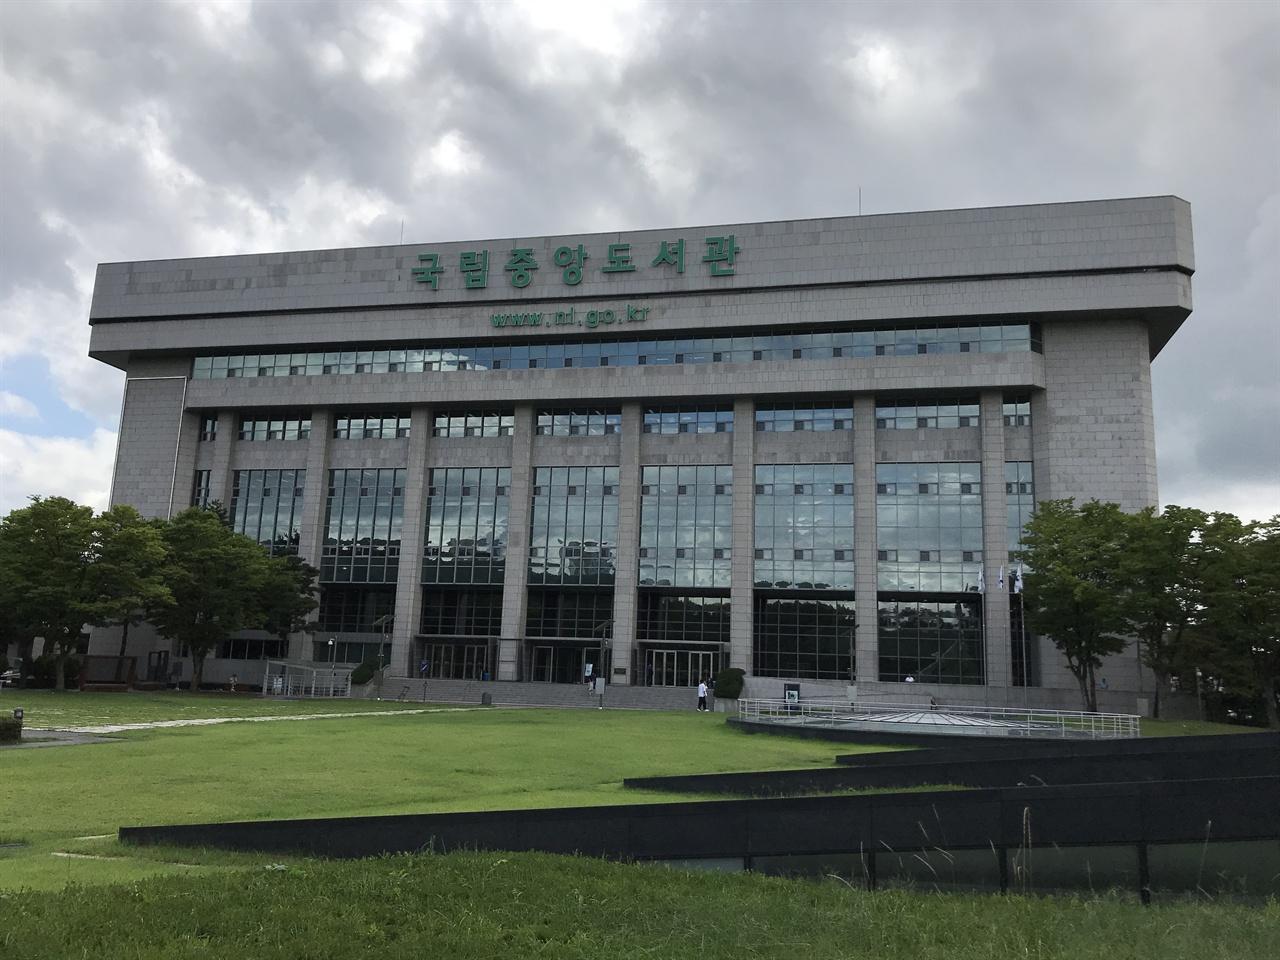 국립중앙도서관 전경 건축가 위형복이 설계한 건물이다. 반포동 국립중앙도서관은 본관과 디지털도서관, 사서연수관, 자료보존관 4개 건물군으로 이뤄져 있다.